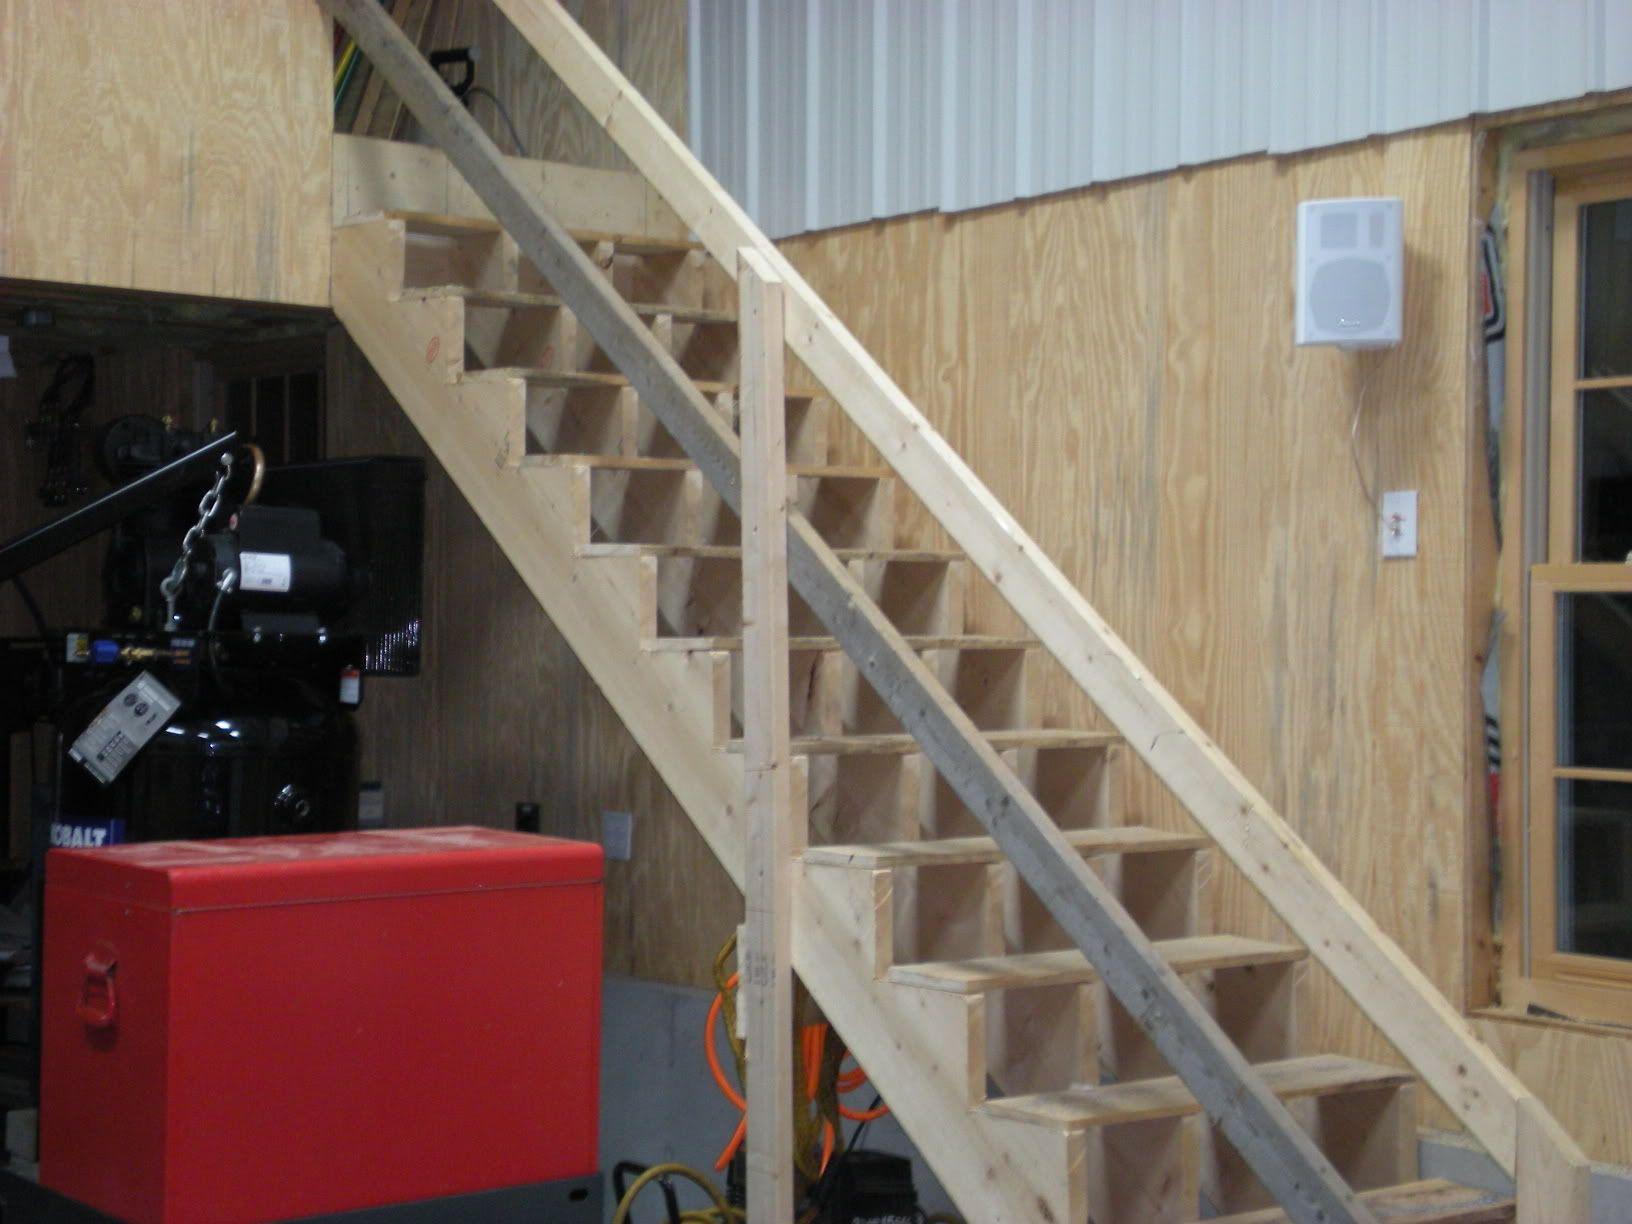 Garage stair railing ideas | Gargage loft stairs - ideas? - The Garage  Journal Board